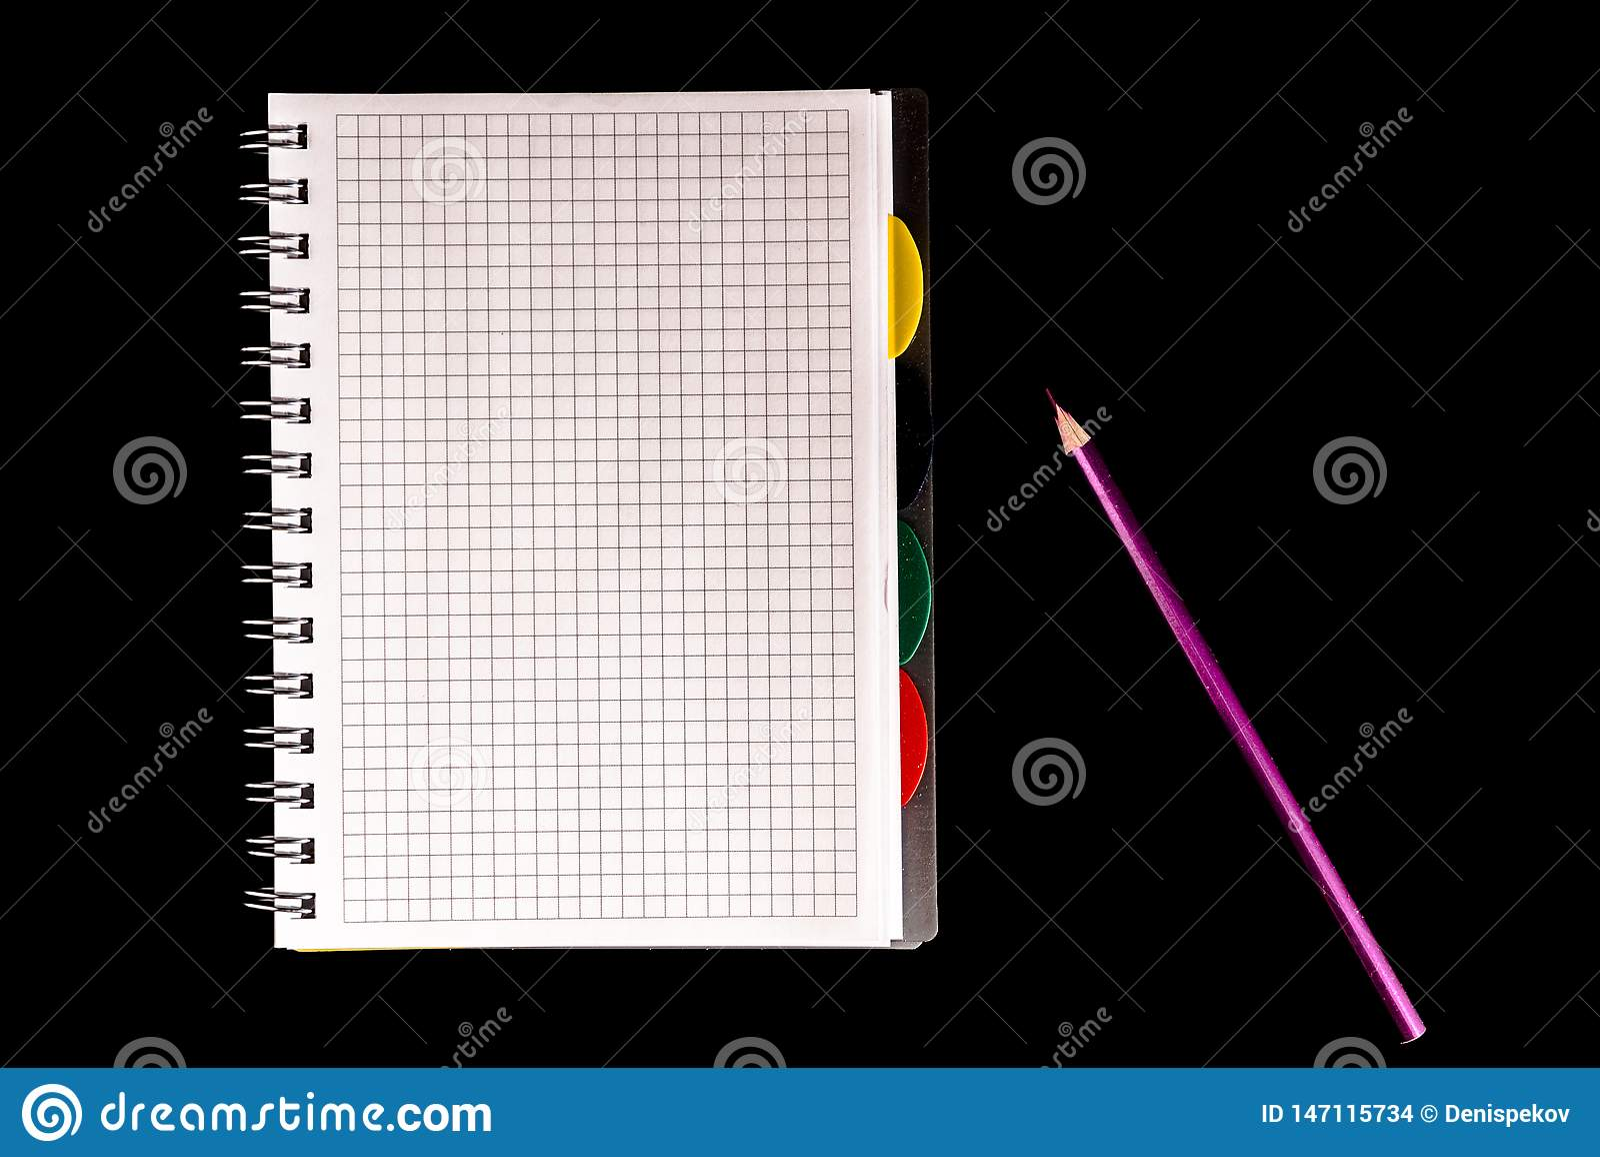 Farbbleistift und Notizbuch, Isolat auf schwarzem Hintergrund